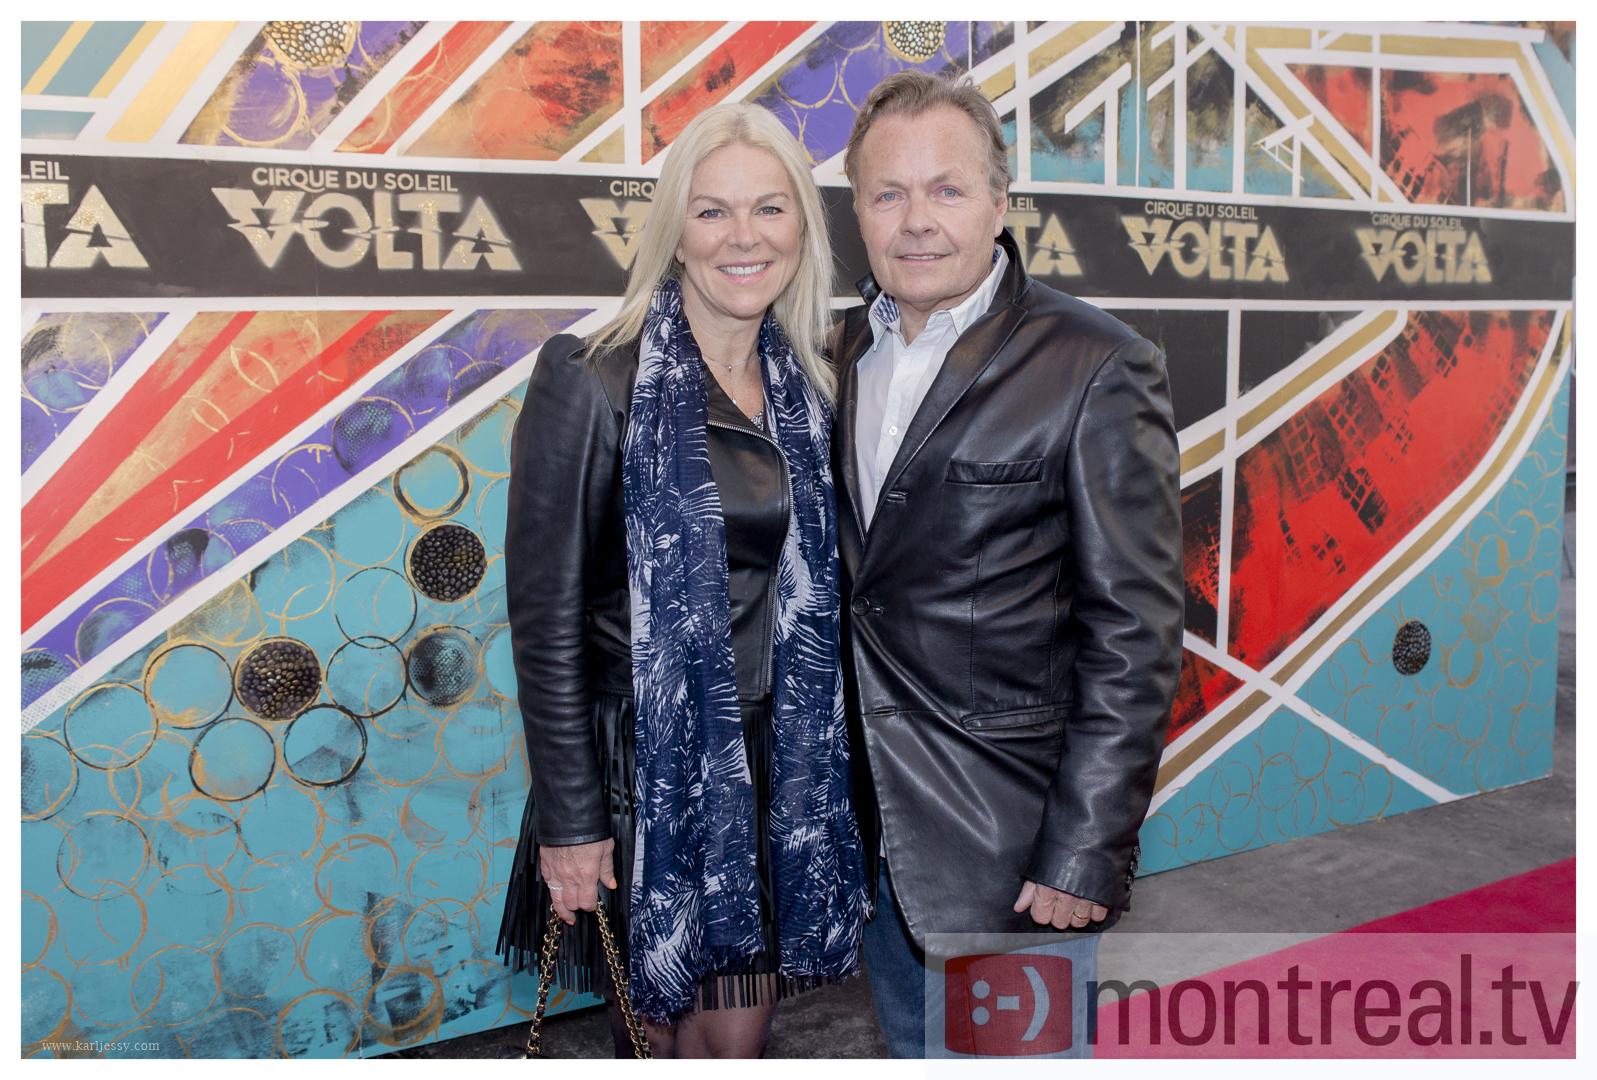 Isabelle MarÇchal_RedCarpet_MontrealTV_VOLTA_RedCarpet_MontrealTV